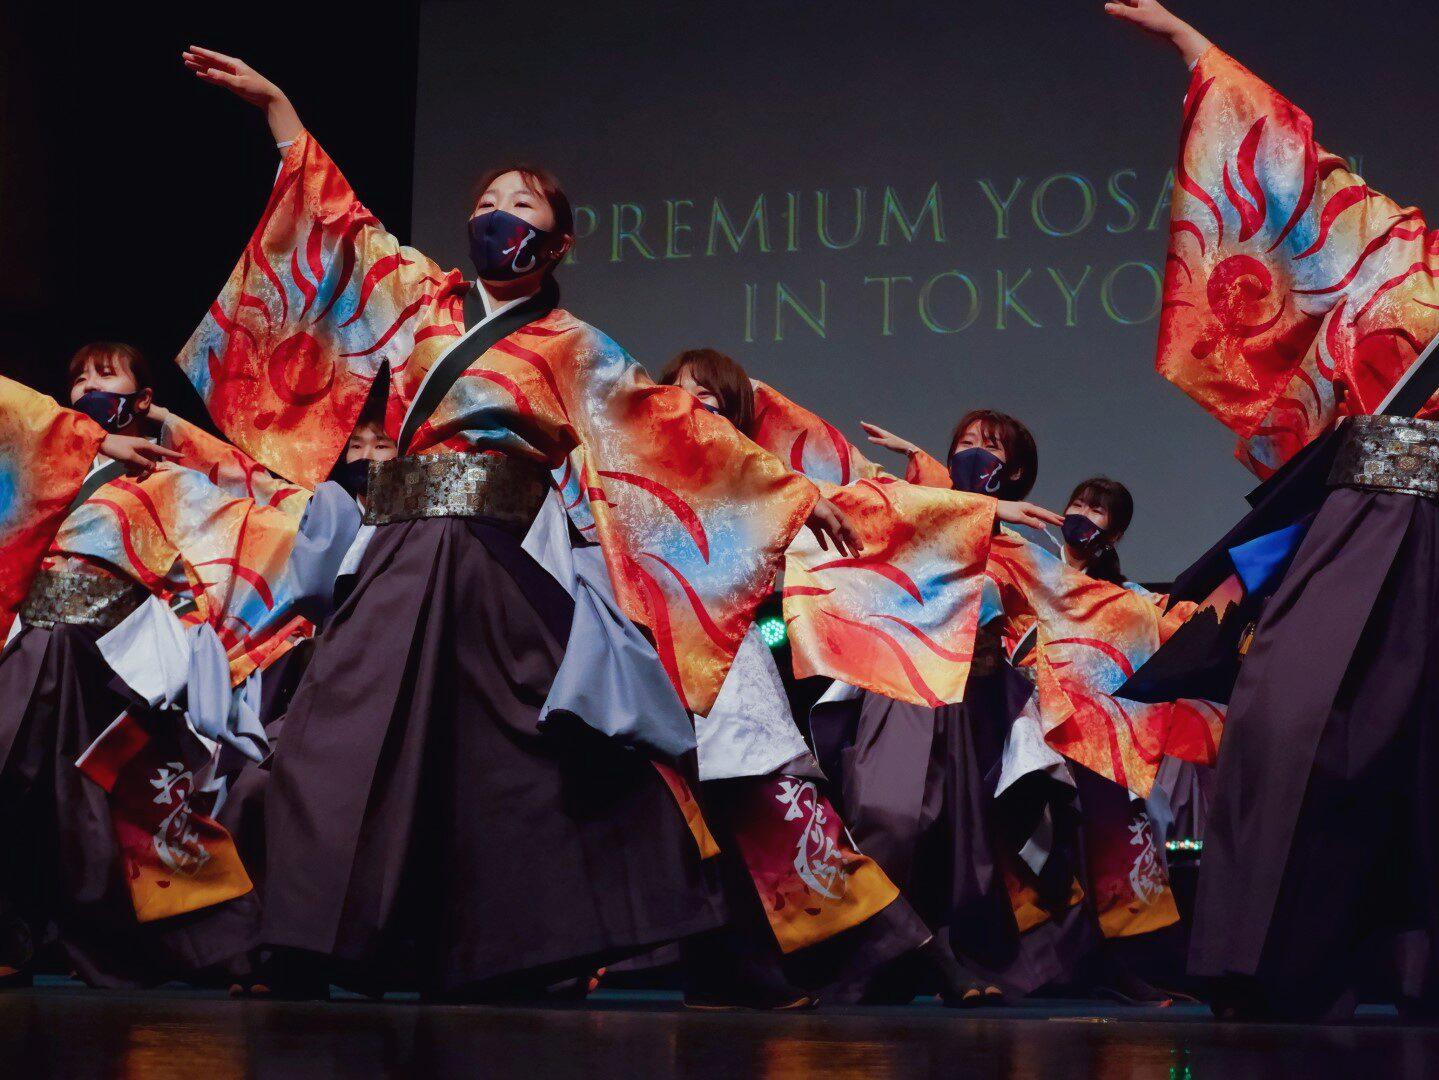 Yosakoi, die energiegeladene Tanztradition aus Kōchi